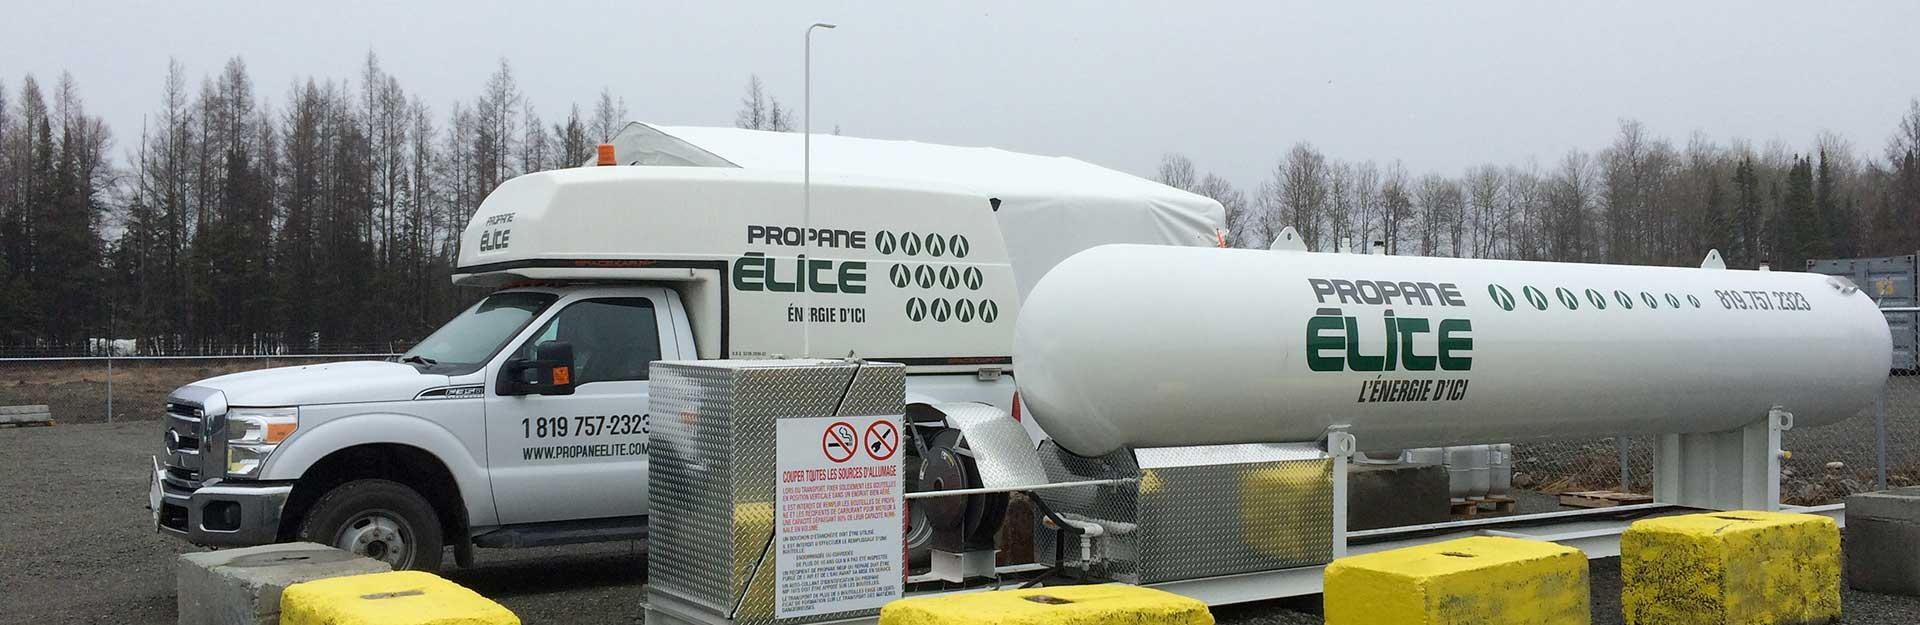 camion propane elite